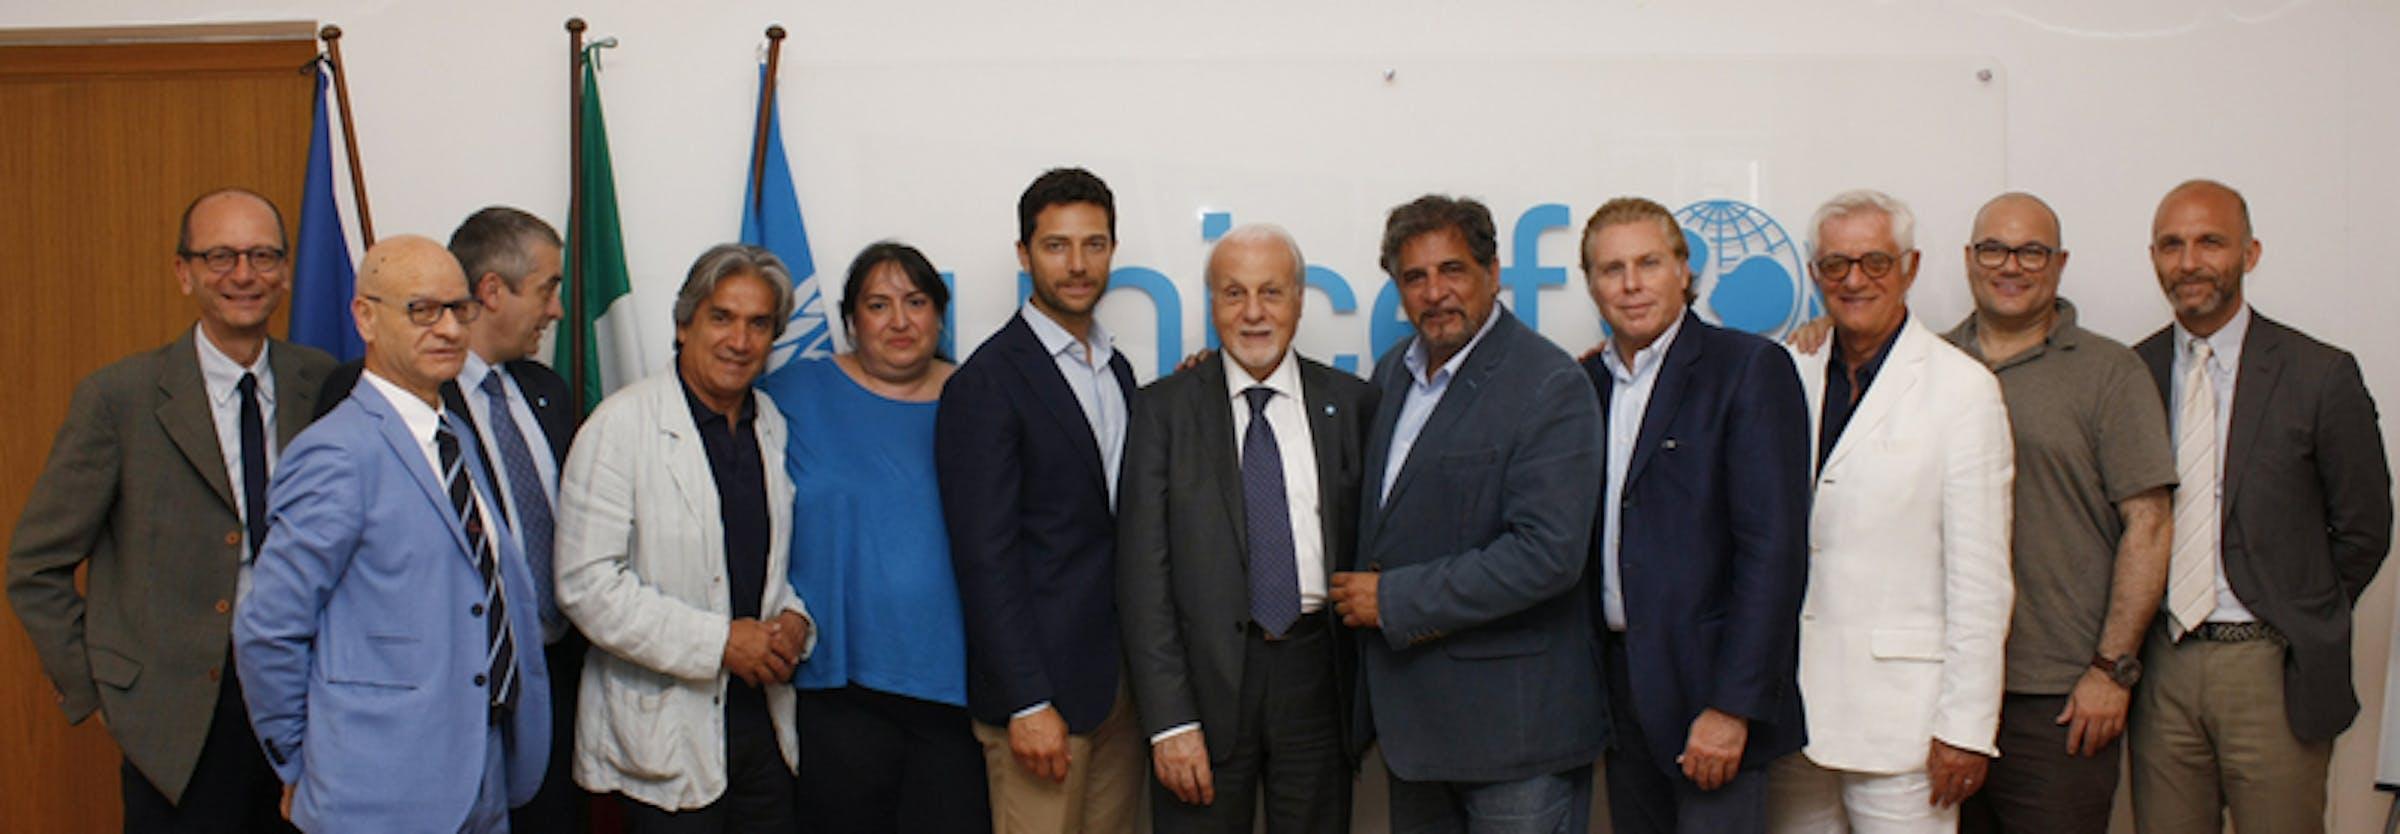 La Nazionale Calciatori Attori Italiani alla sede dell'UNICEF Italia - ©UNICEF Italia/2015/Alessandro Longobardi